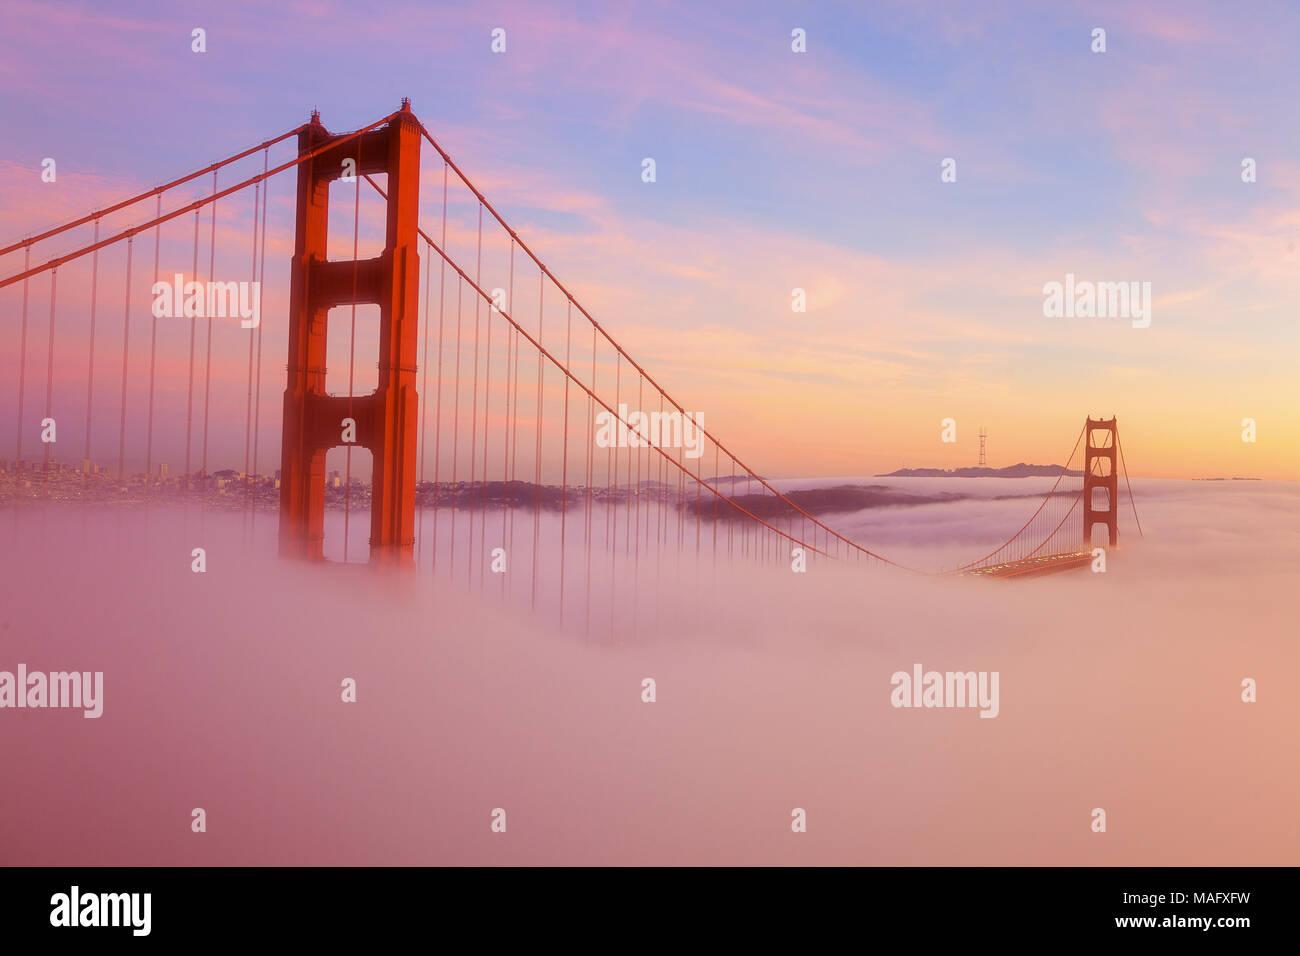 Die Golden Gate Bridge ist eine Popuar touristische Destination in San Francisco Kalifornien. Stockfoto